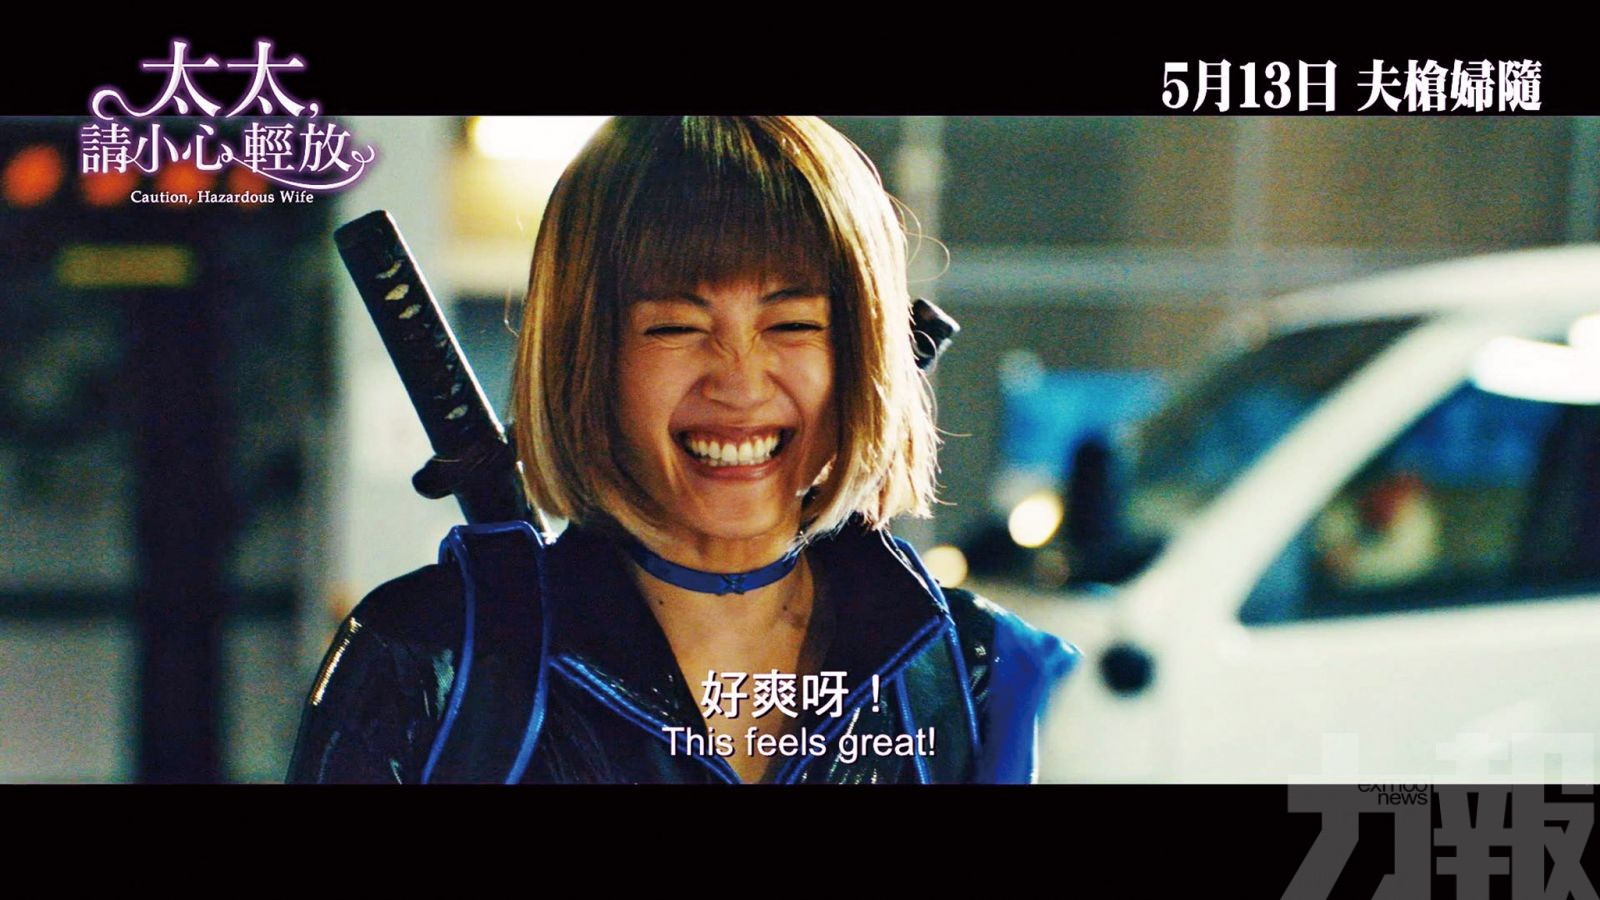 綾瀨遙化身型爆特工挑戰打戲